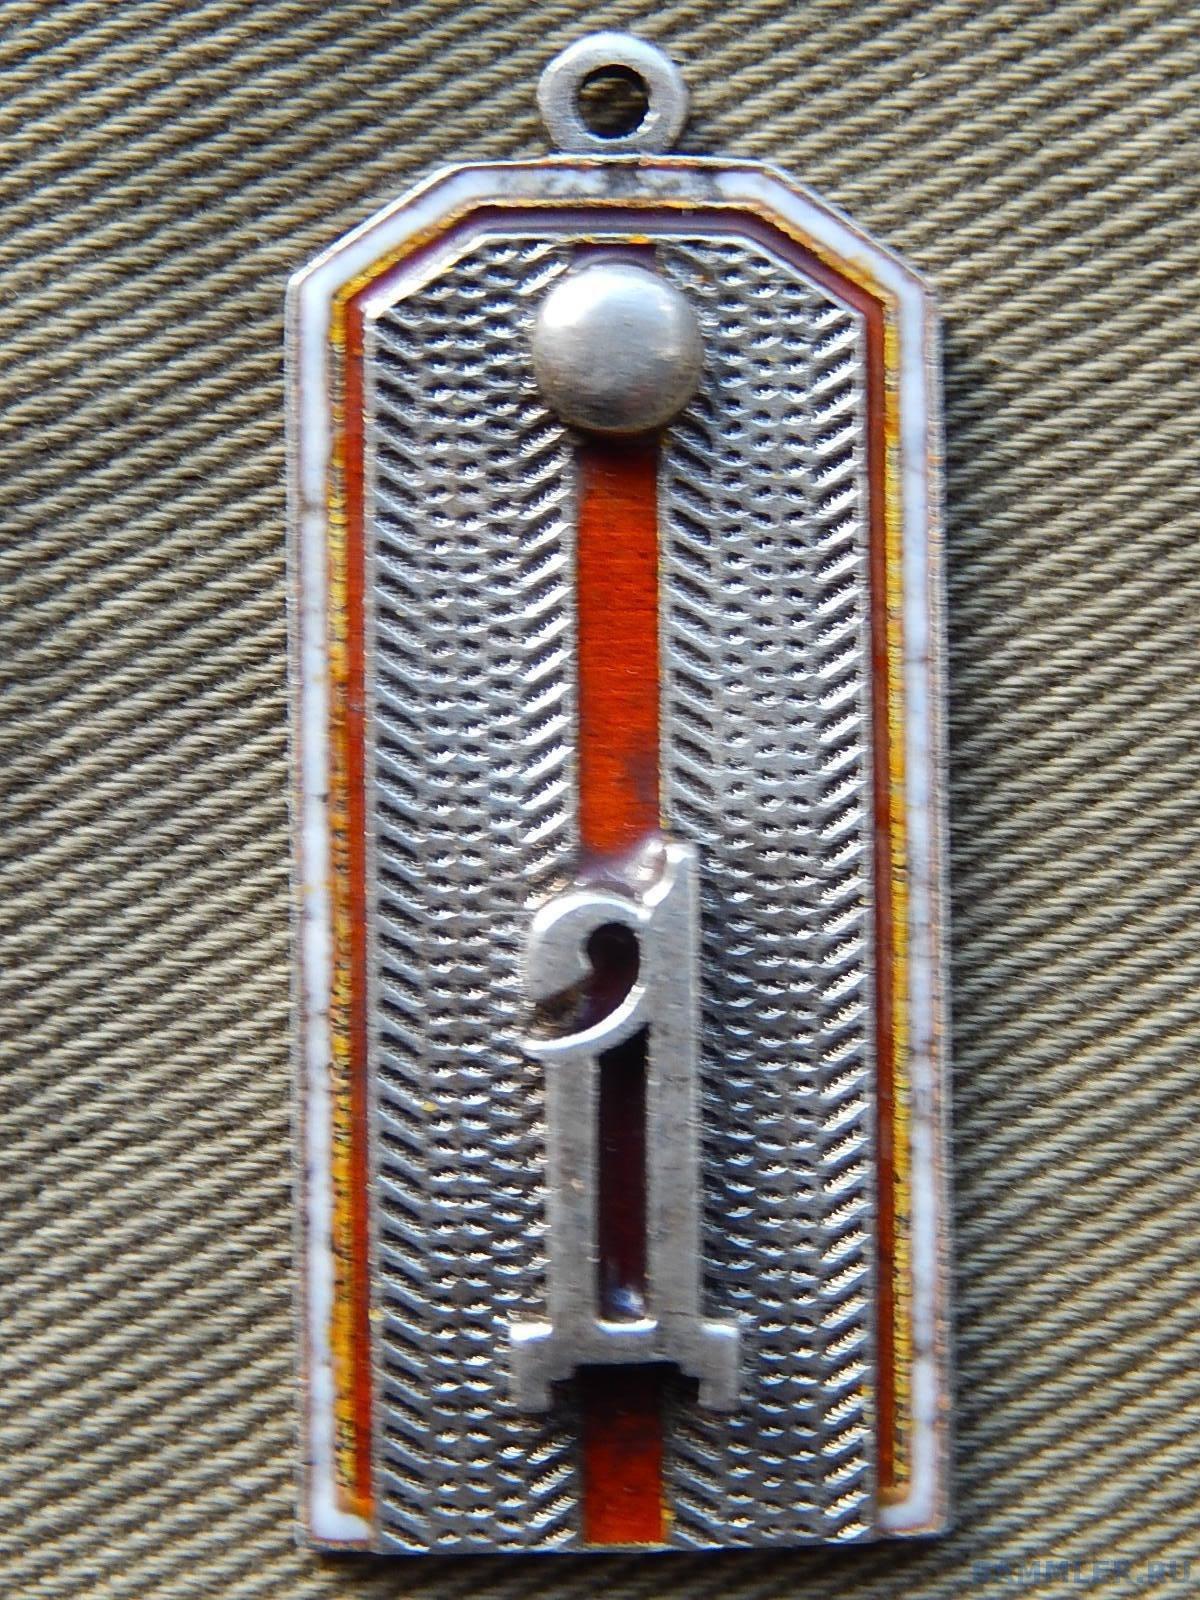 s-l1600 (2)5.jpg